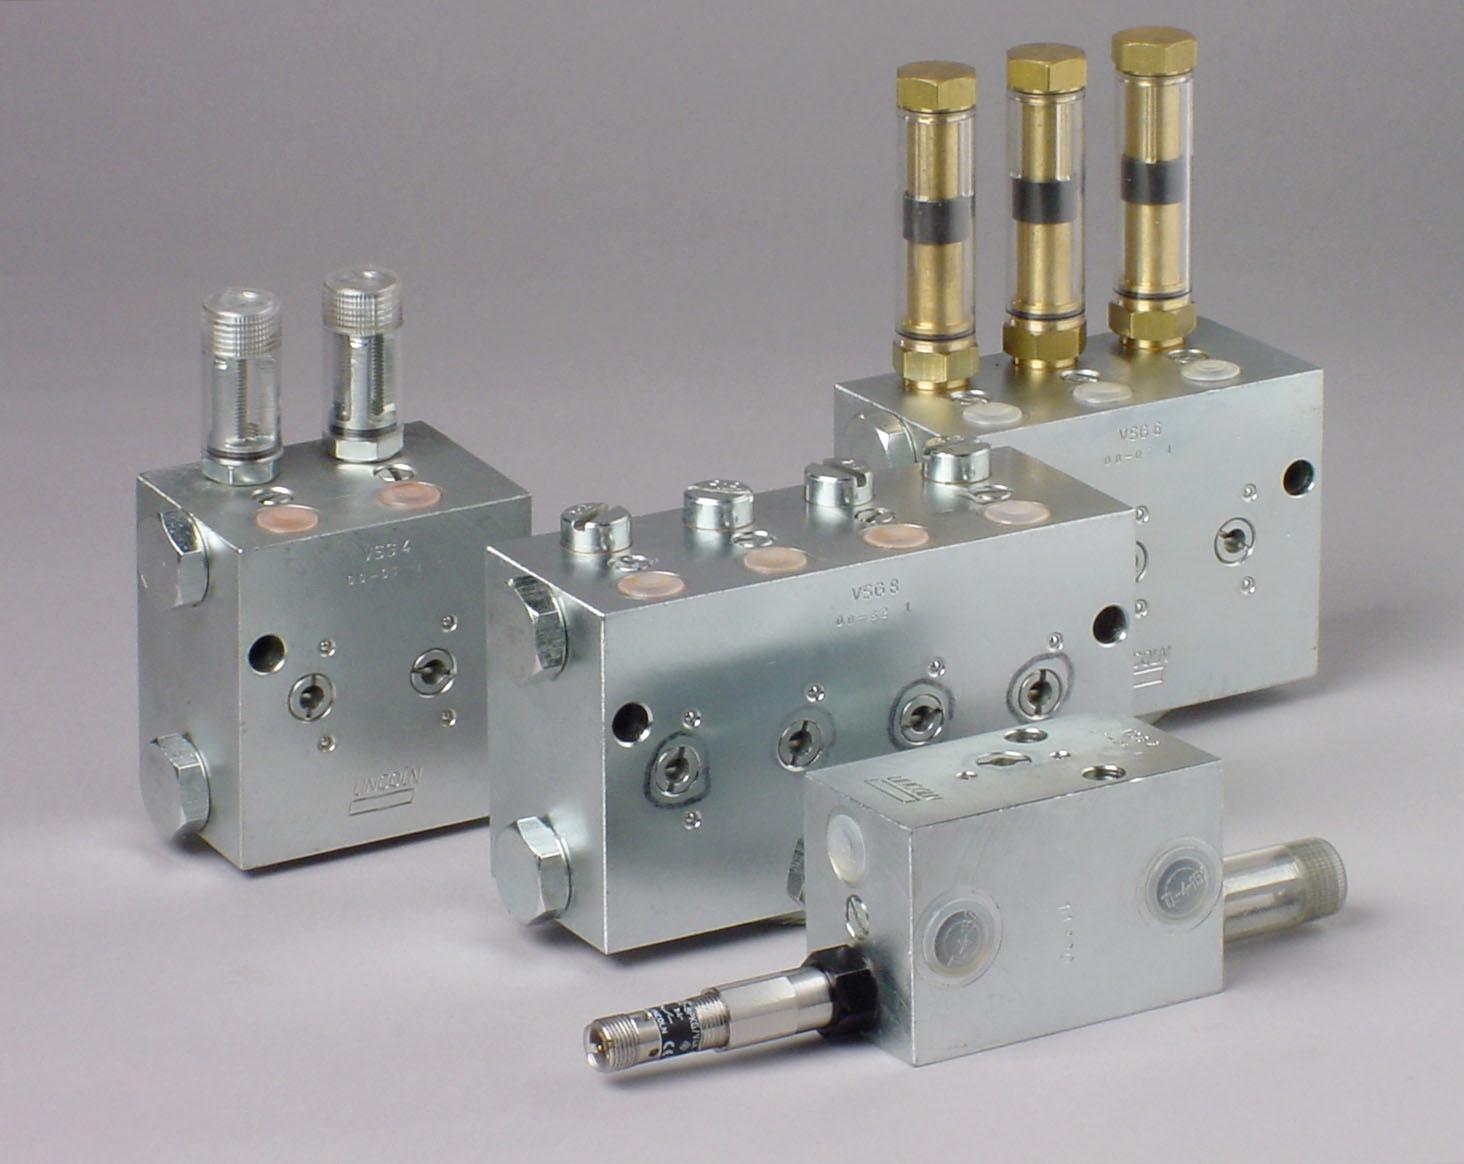 润滑分配器/林肯润滑分配器/双线系统分配器-- 上海诺法机械设备有限公司